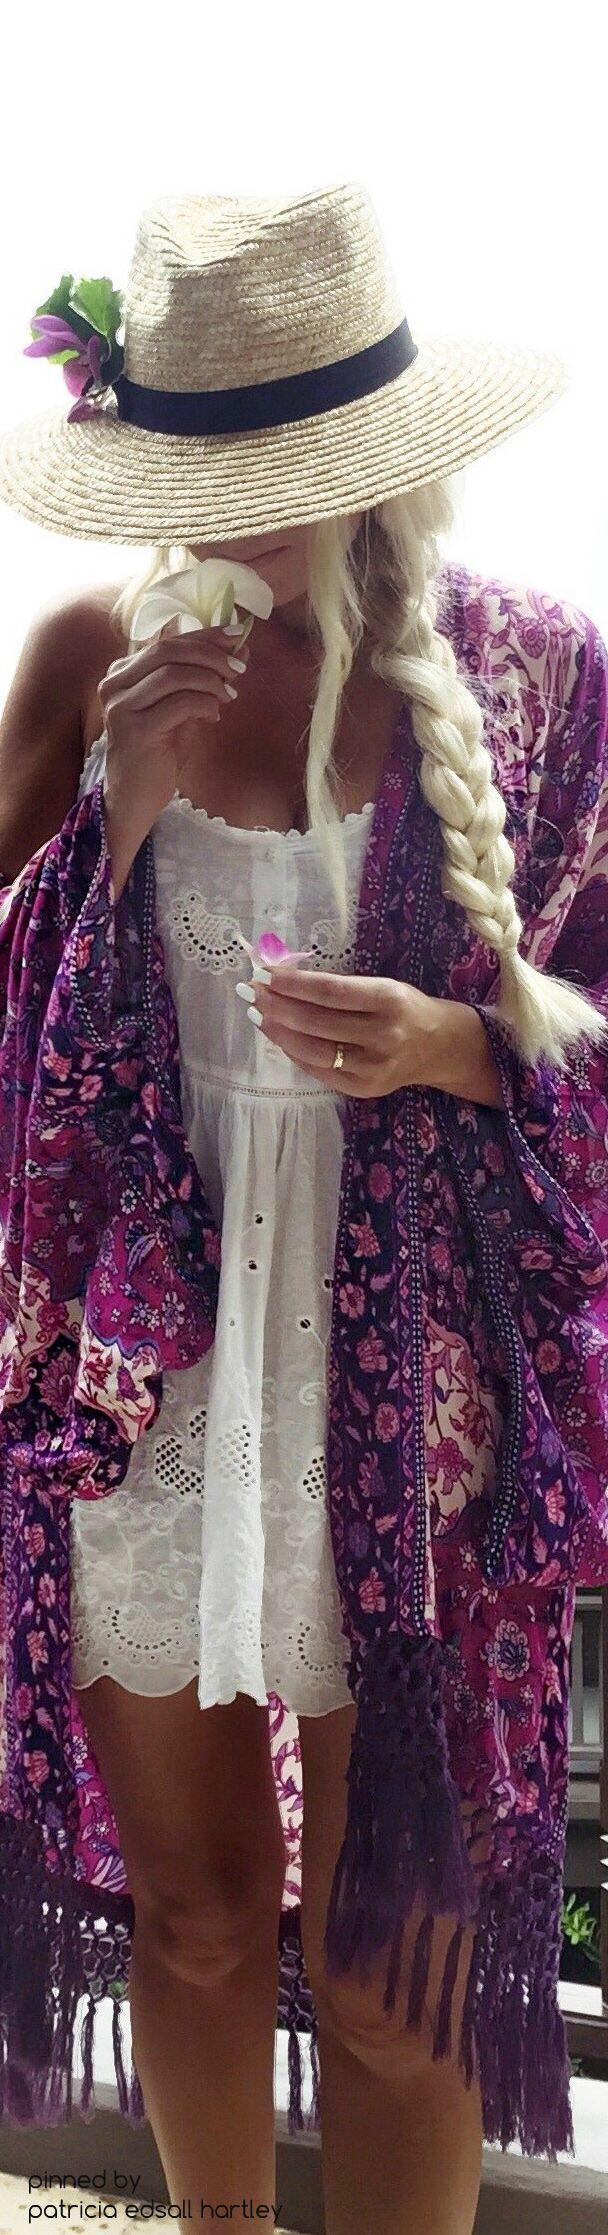 Vestido broderi y kimono